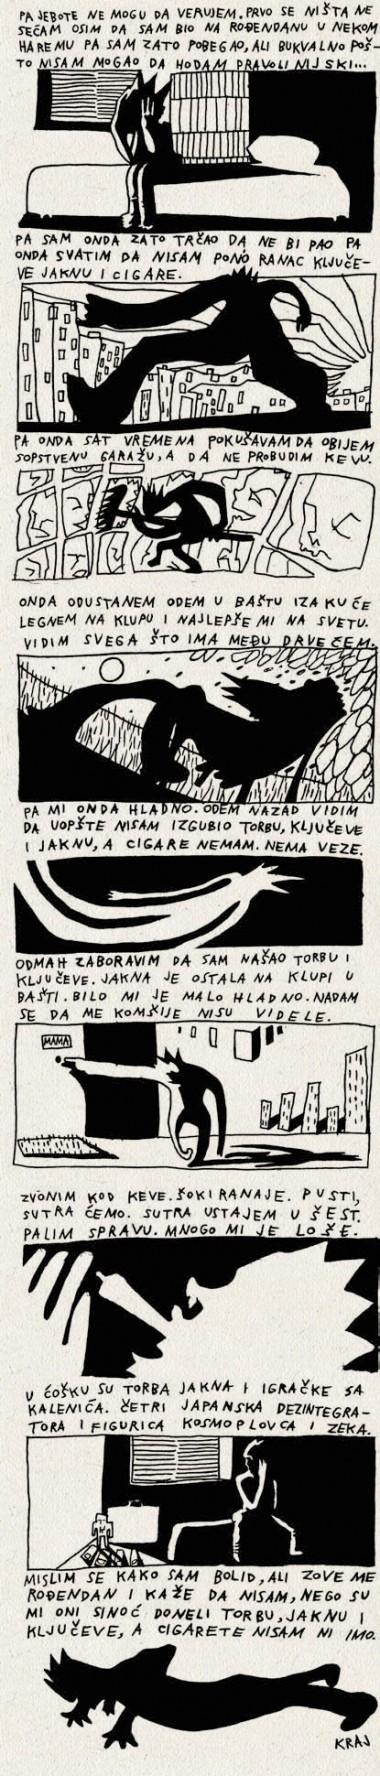 Radovan Popović Najgori & Wostok: JAKNA, TORBA, KLJUČ I PAKLA CIGARA KOJU NISAM NI IMAO